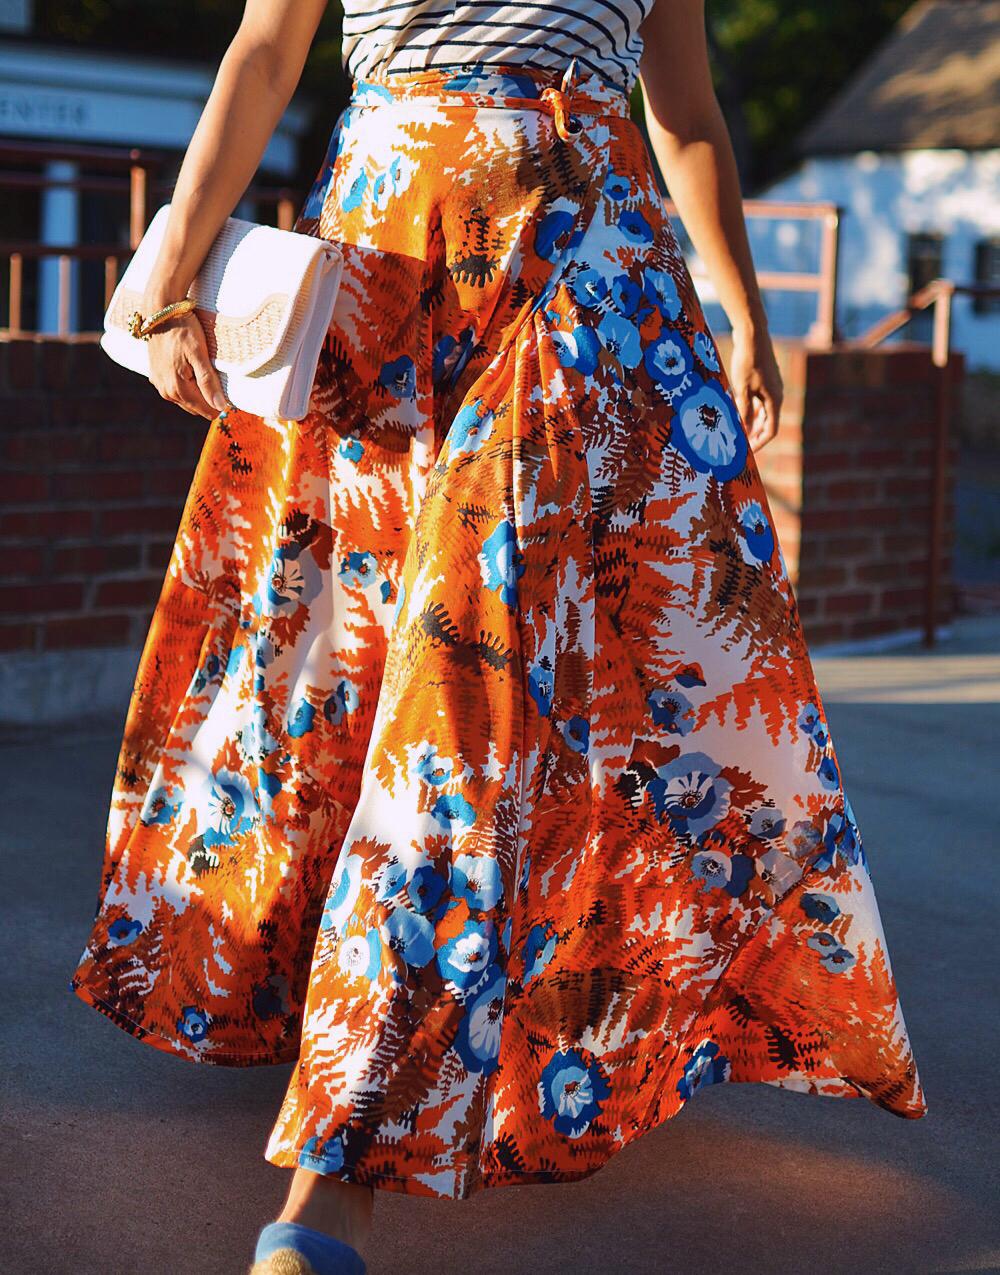 Full skirt street style